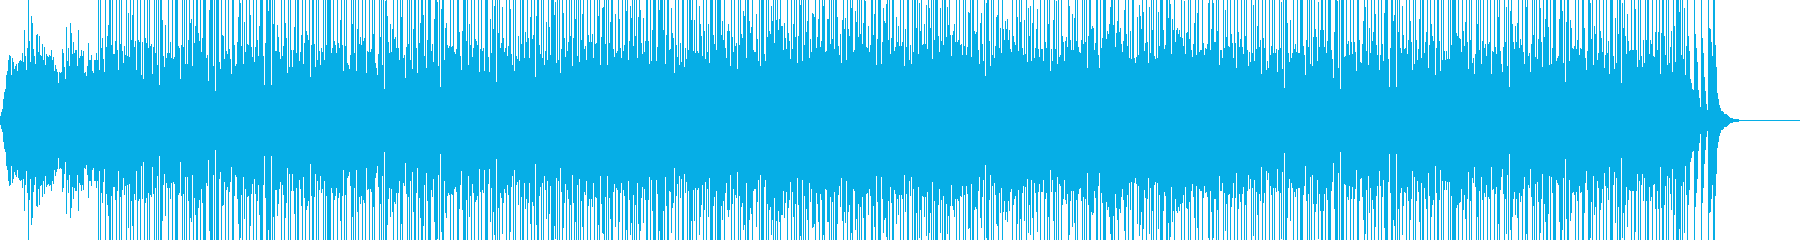 Nu-FUNKの再生済みの波形